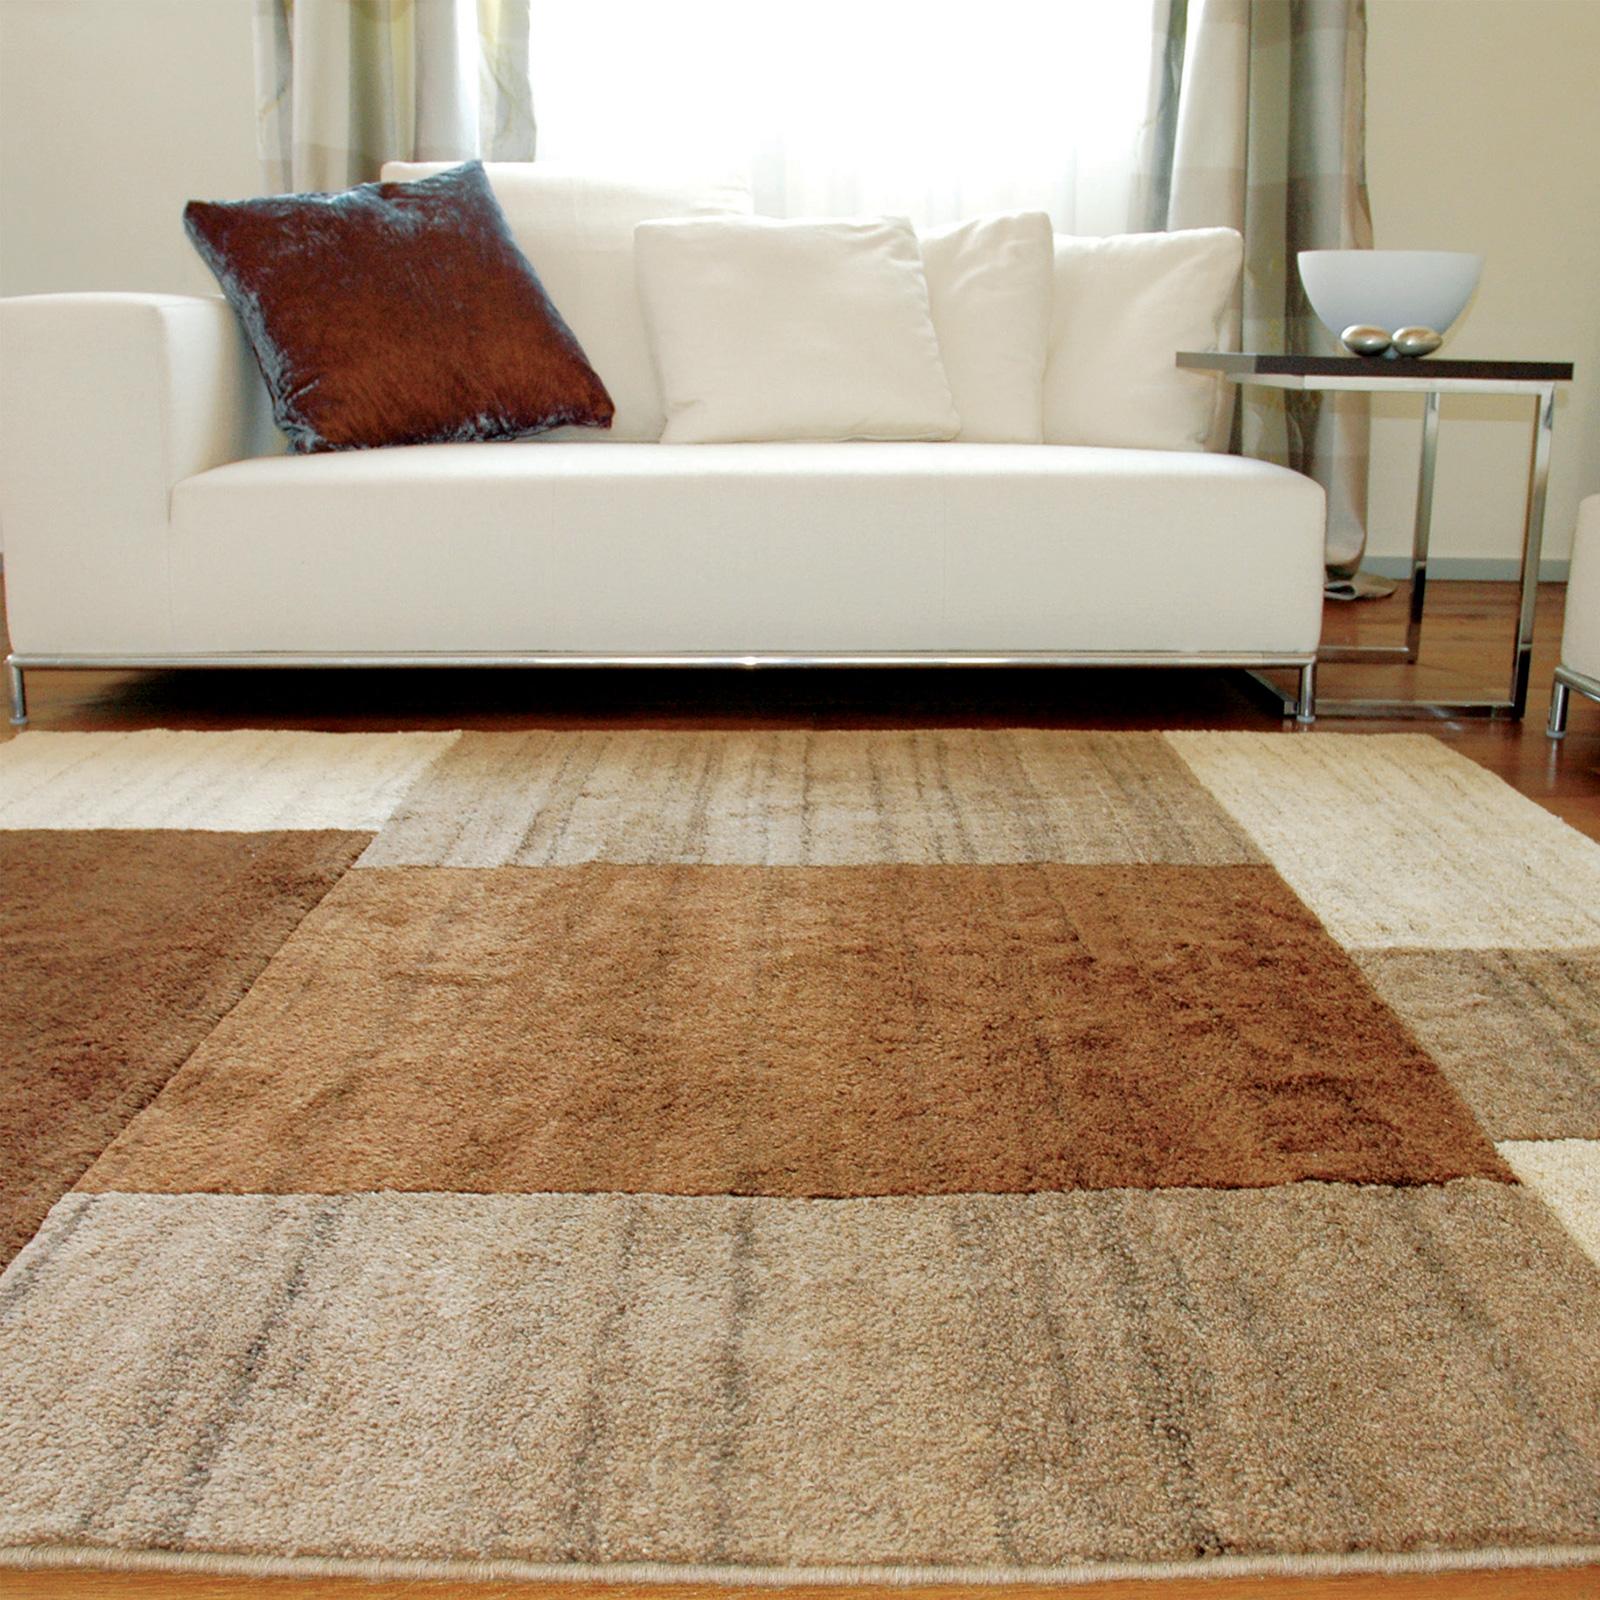 ... prodotto tappeti classici 17 tappeti moderni 89 tappeti su misura 25